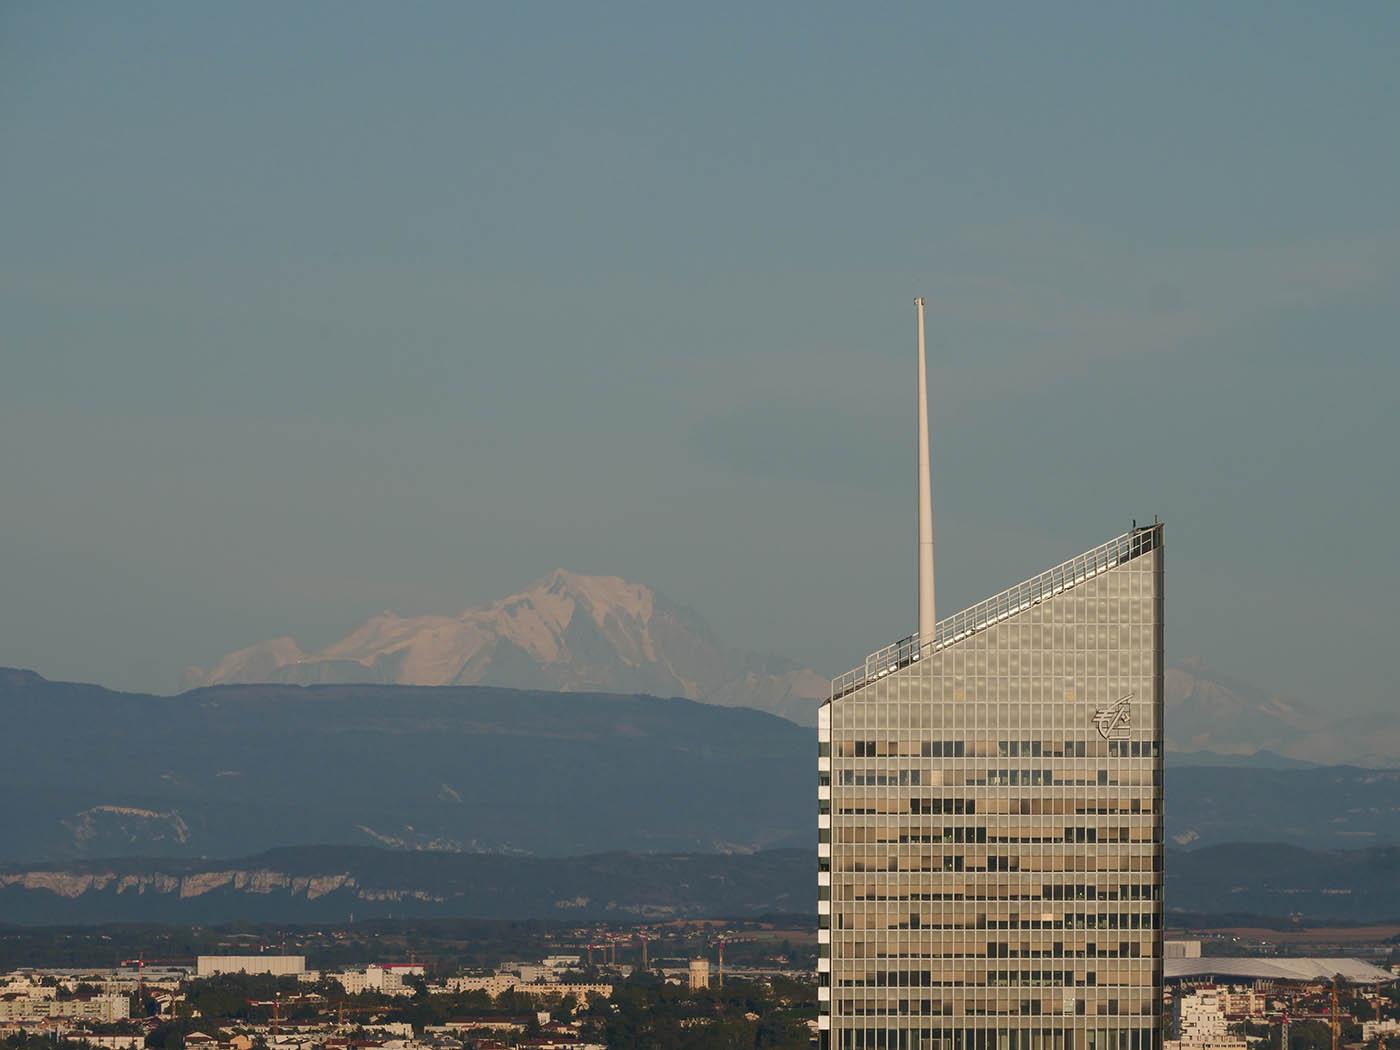 photo de montagne prise avec focale de 200 mm